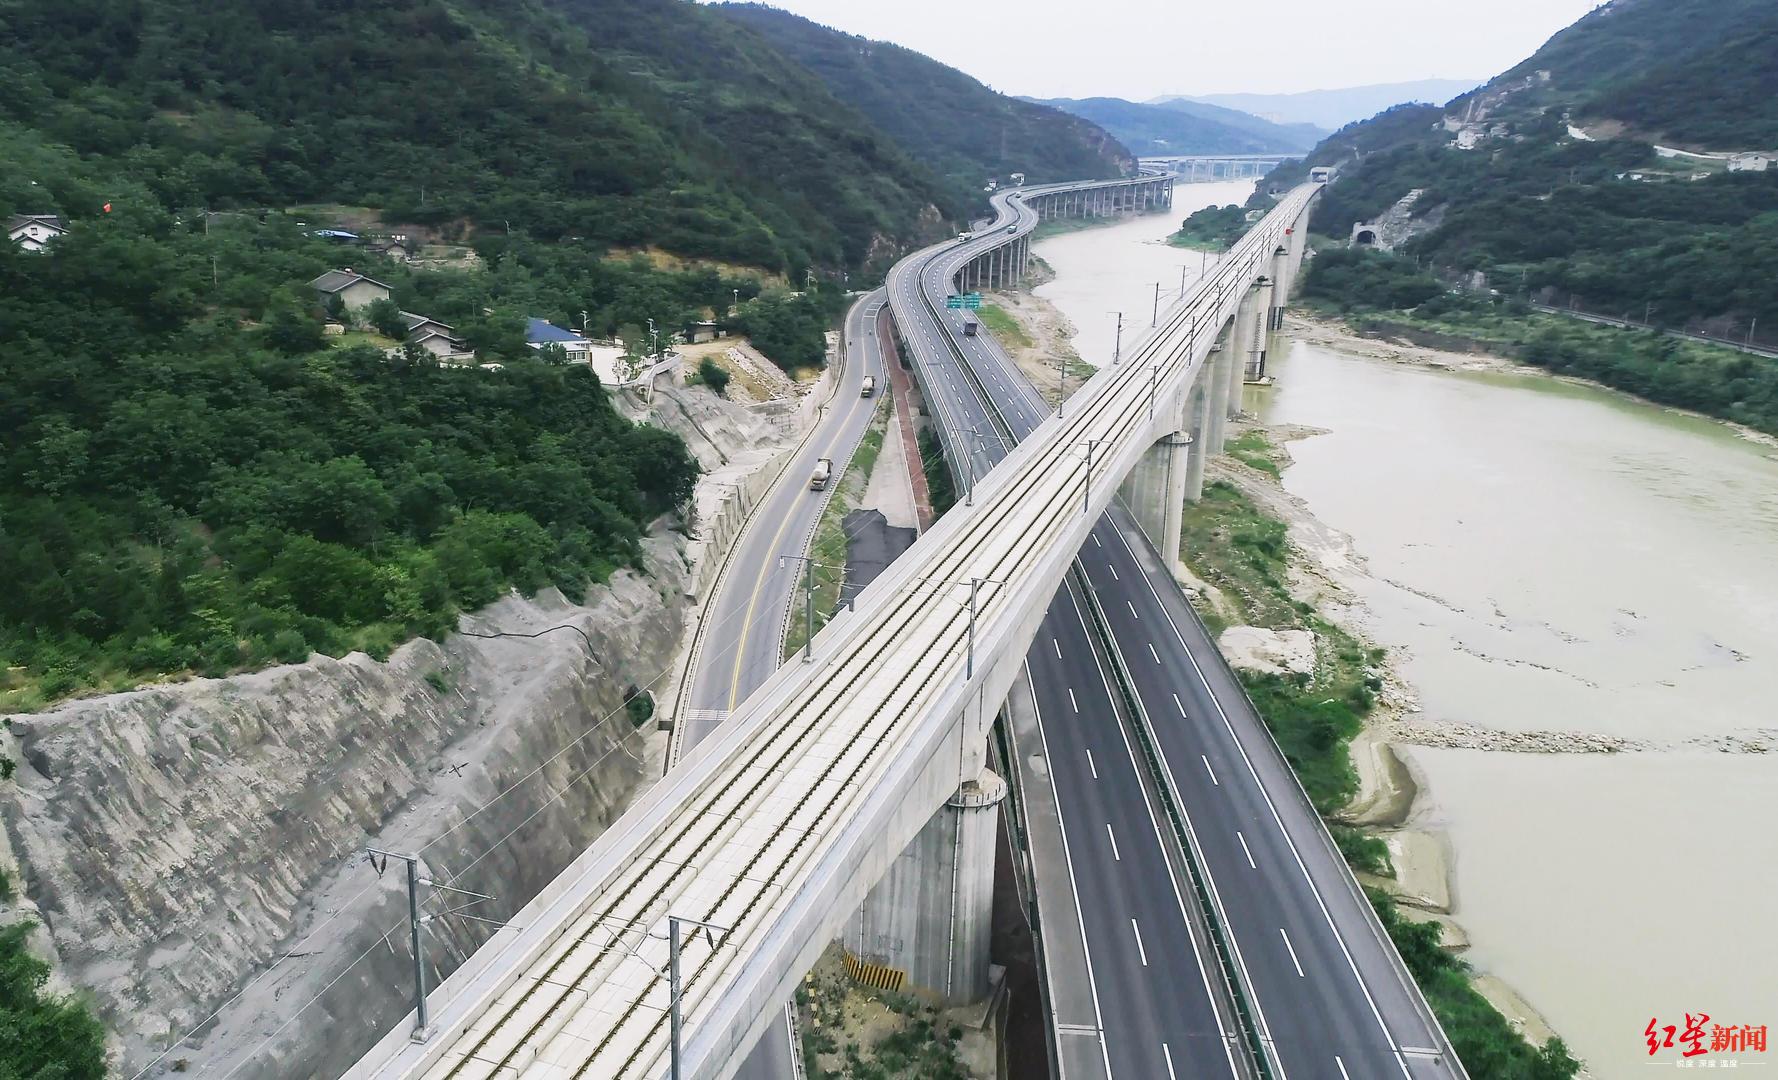 """天堑变通途 西成高铁斩获国际工程界""""诺贝尔奖"""""""